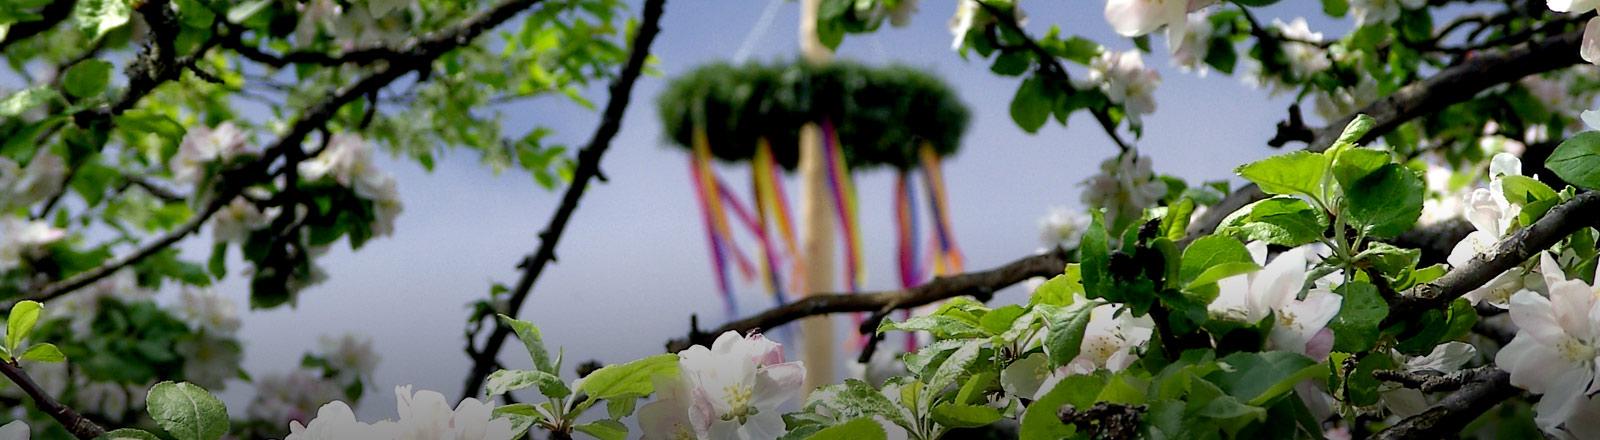 Ein Maibaum fotografiert durch einen blühenden Baum.